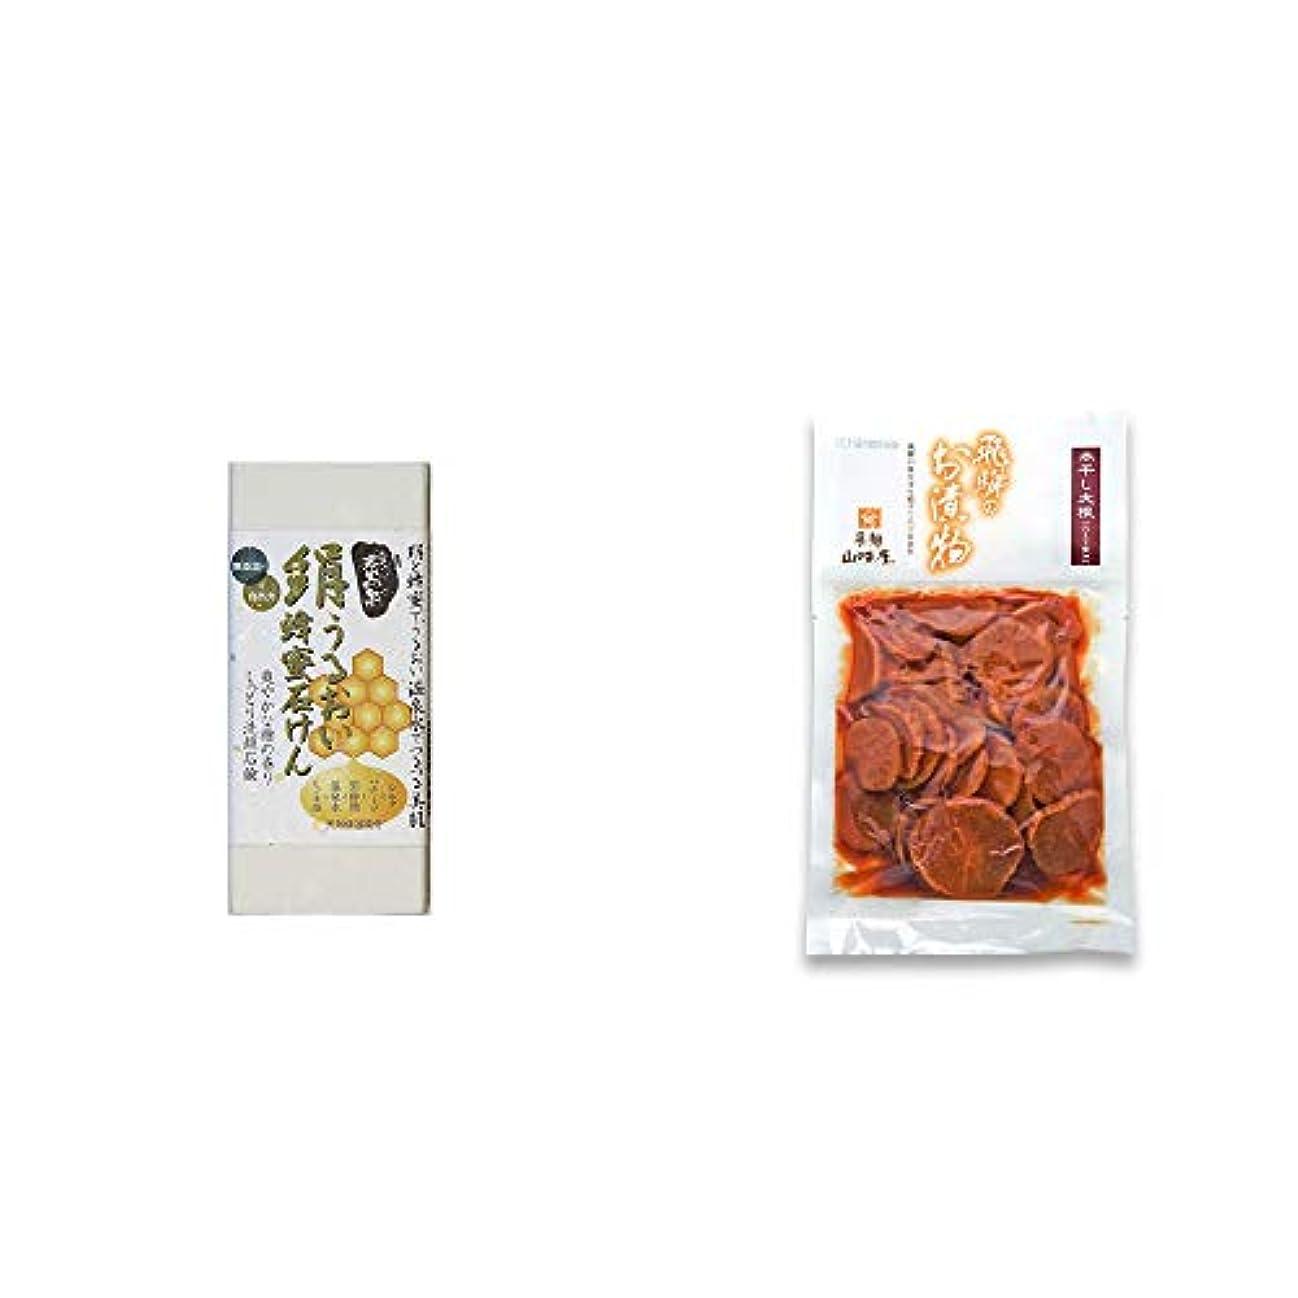 置き場混合介入する[2点セット] ひのき炭黒泉 絹うるおい蜂蜜石けん(75g×2)?飛騨山味屋 本干し大根(135g)